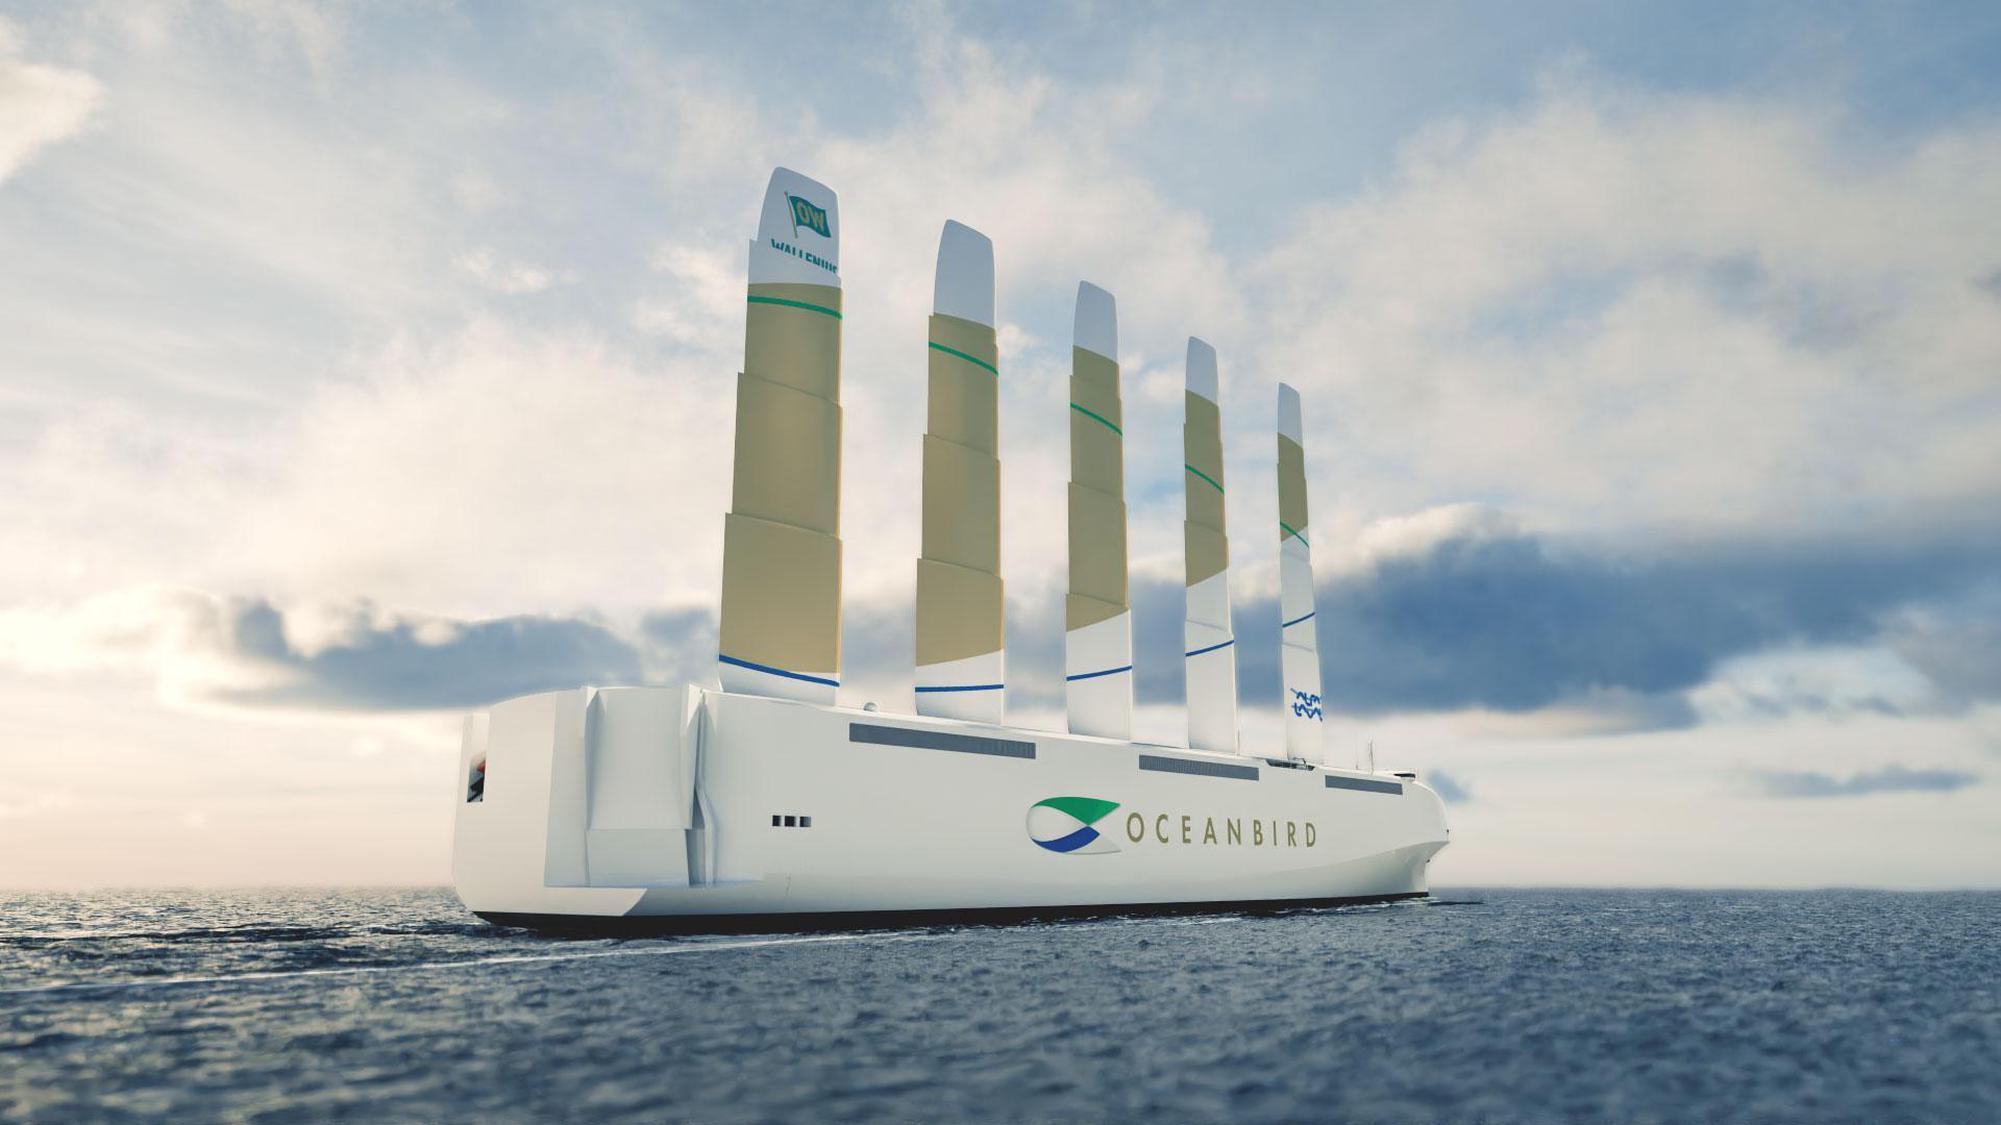 Brandneuer Frachtsegler: Die «Oceanbird» soll dereinst bis zu 7000 Autos transportieren. Wallenius Marine